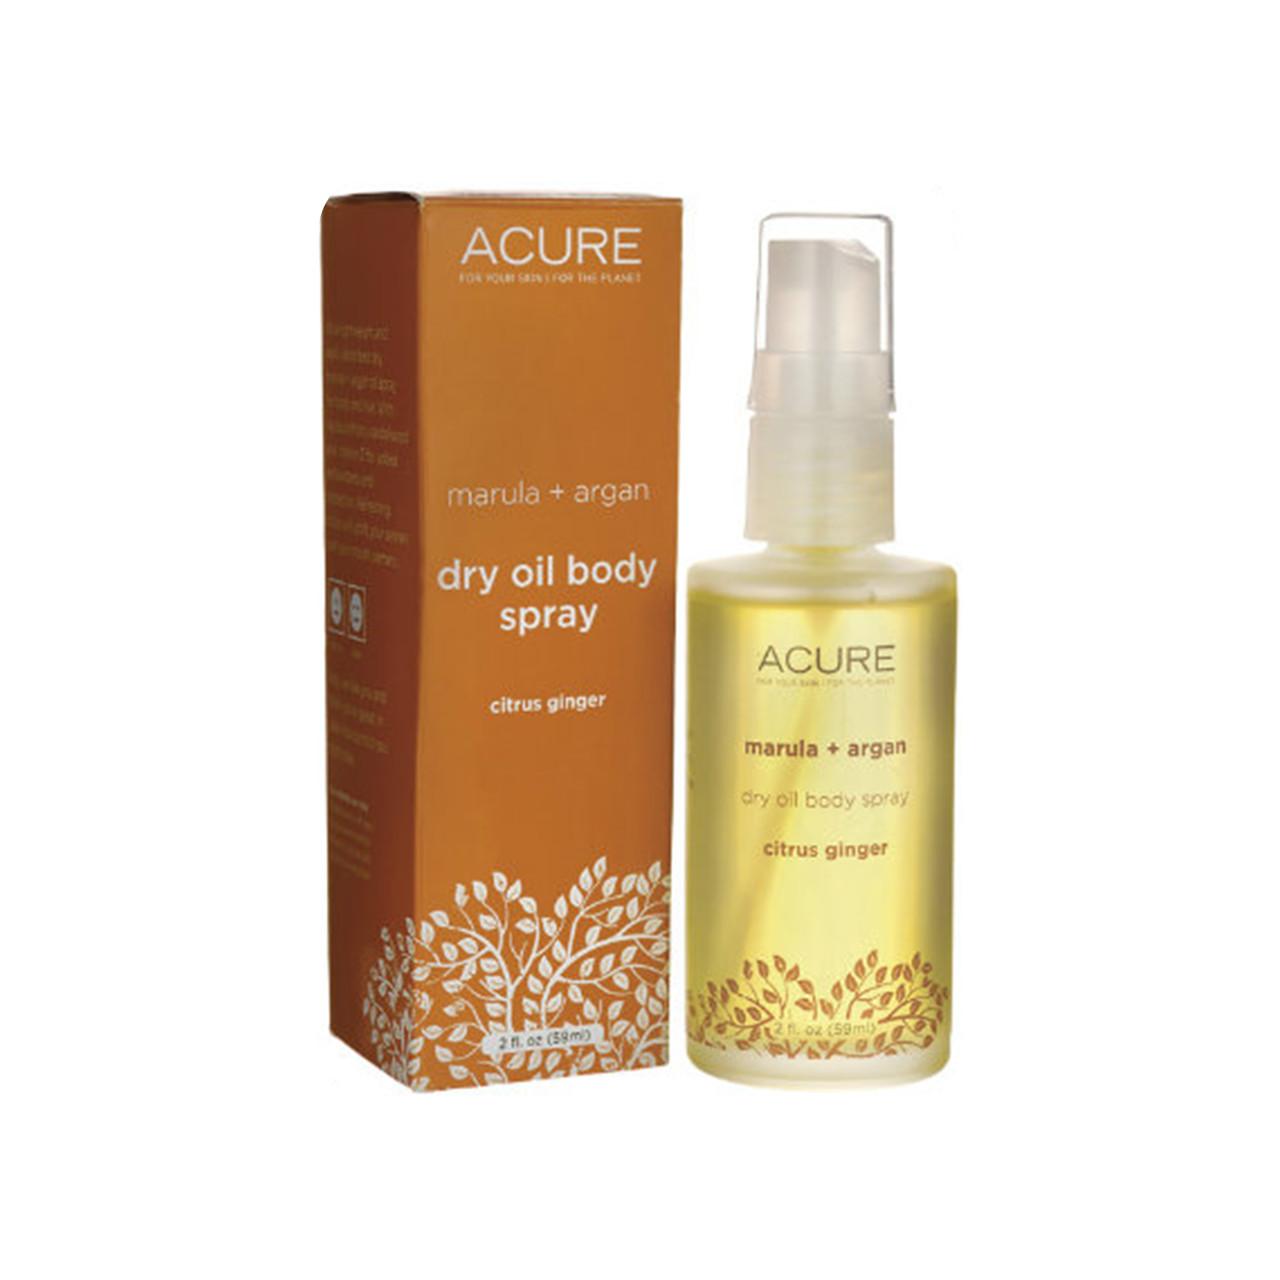 Marula + Argan Dry Oil Body Spray